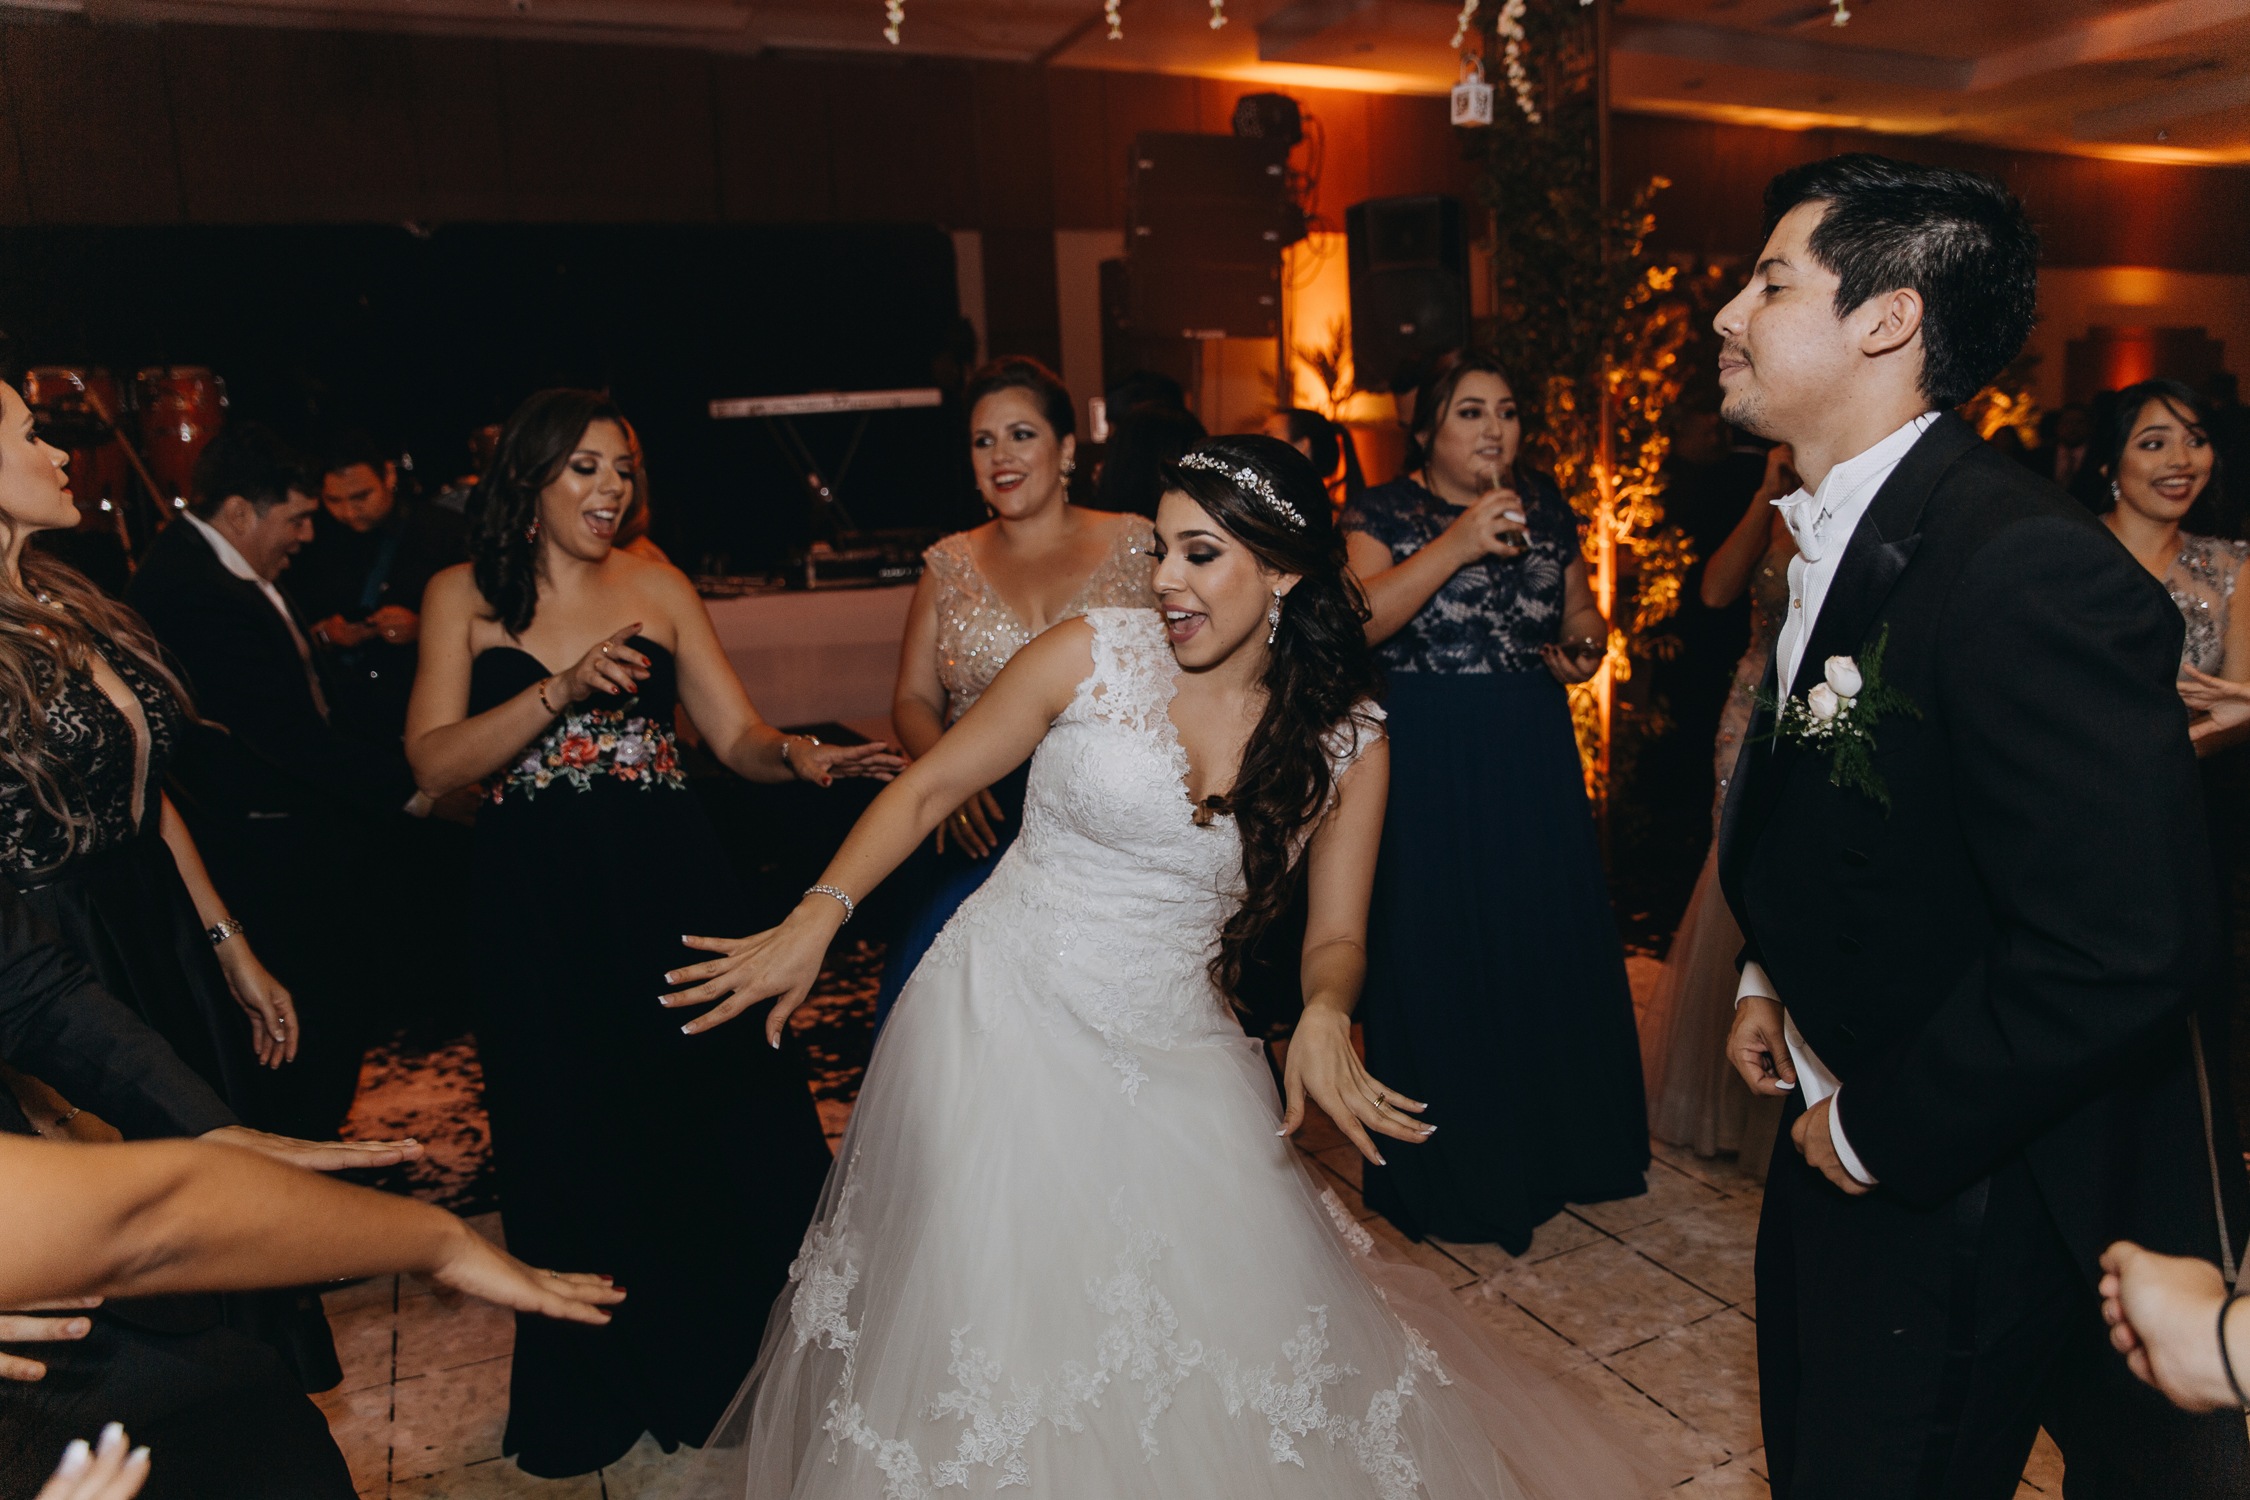 Michelle-Agurto-Fotografia-Bodas-Ecuador-Destination-Wedding-Photographer-Patricia-Guido-286.JPG